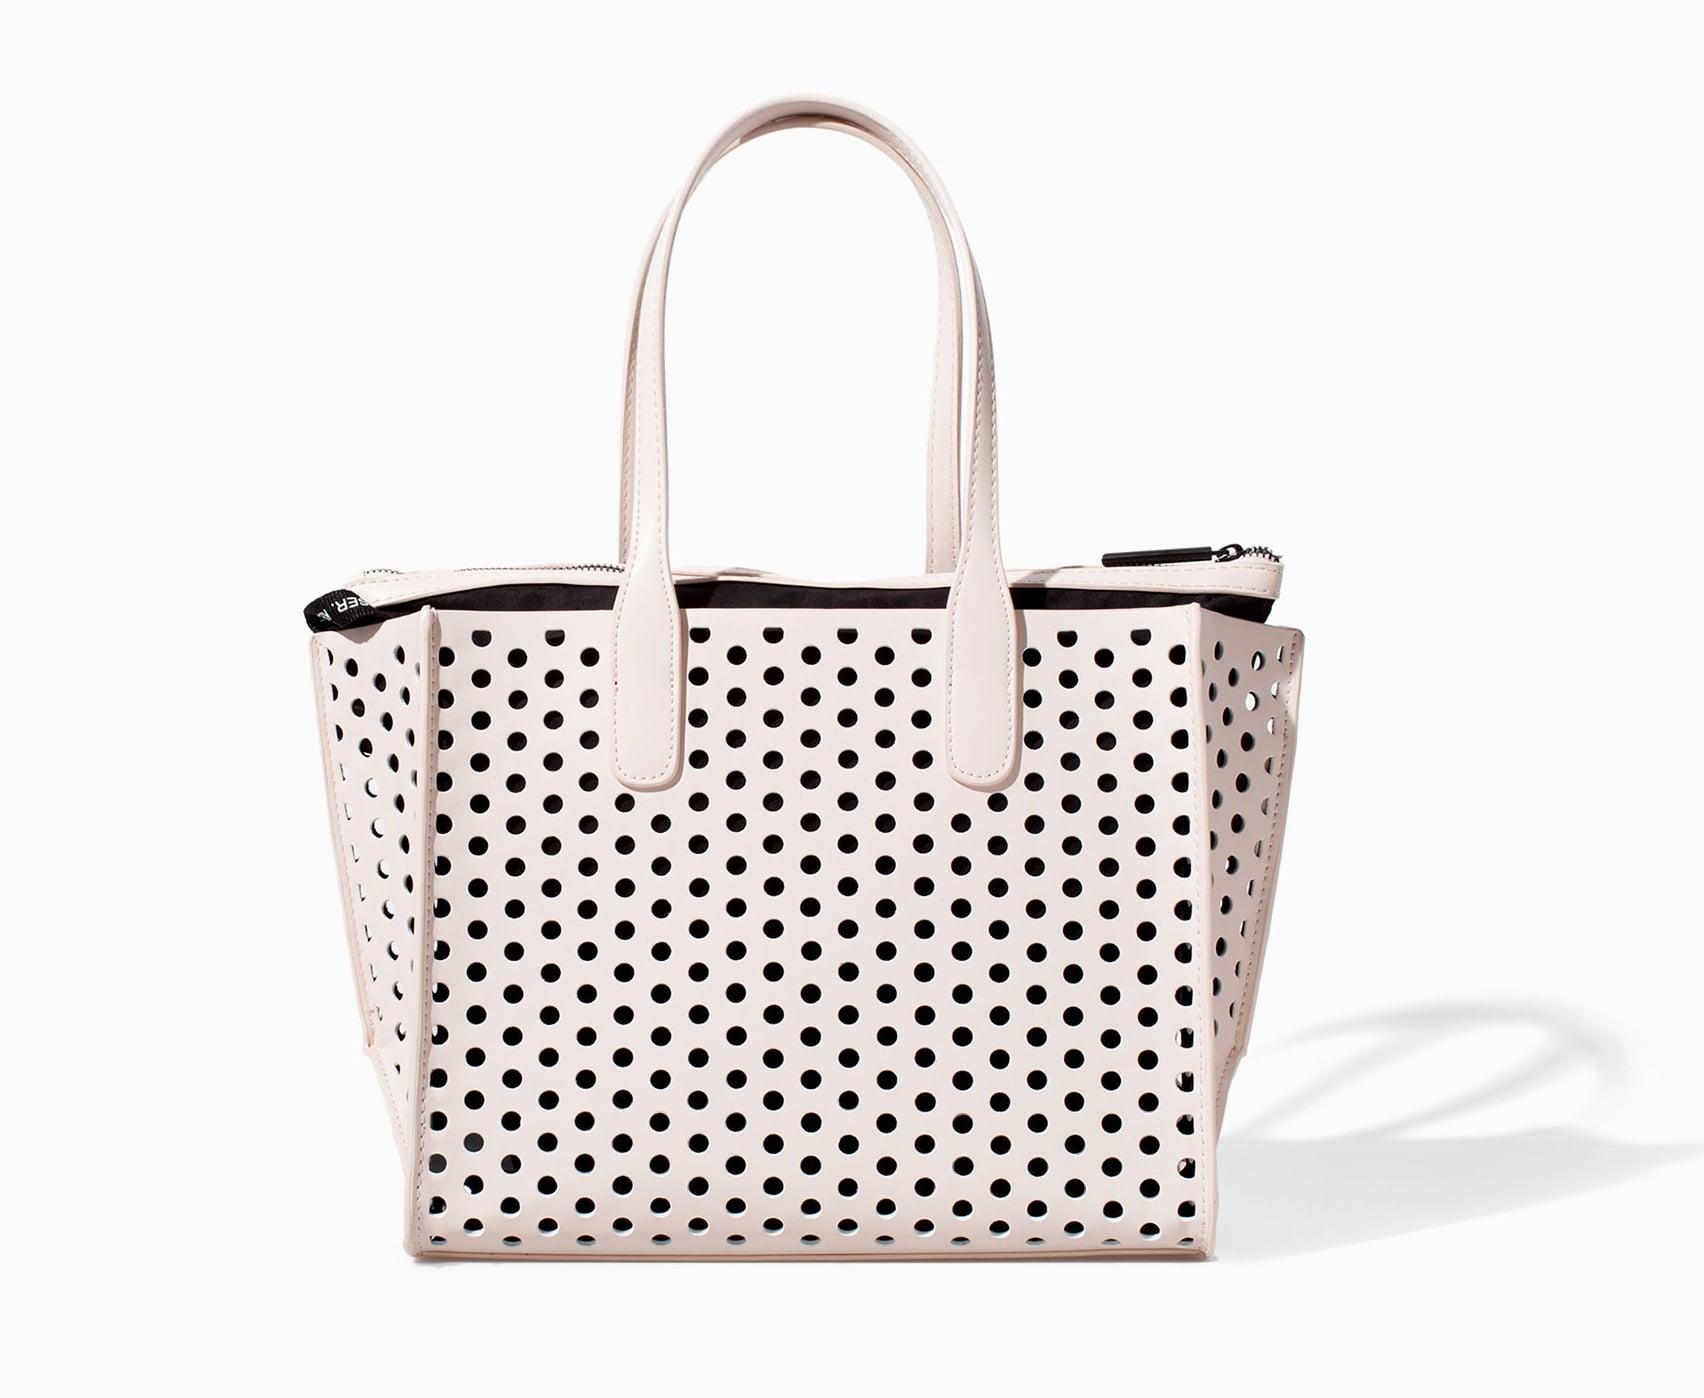 Zara perforated shopper ($60)